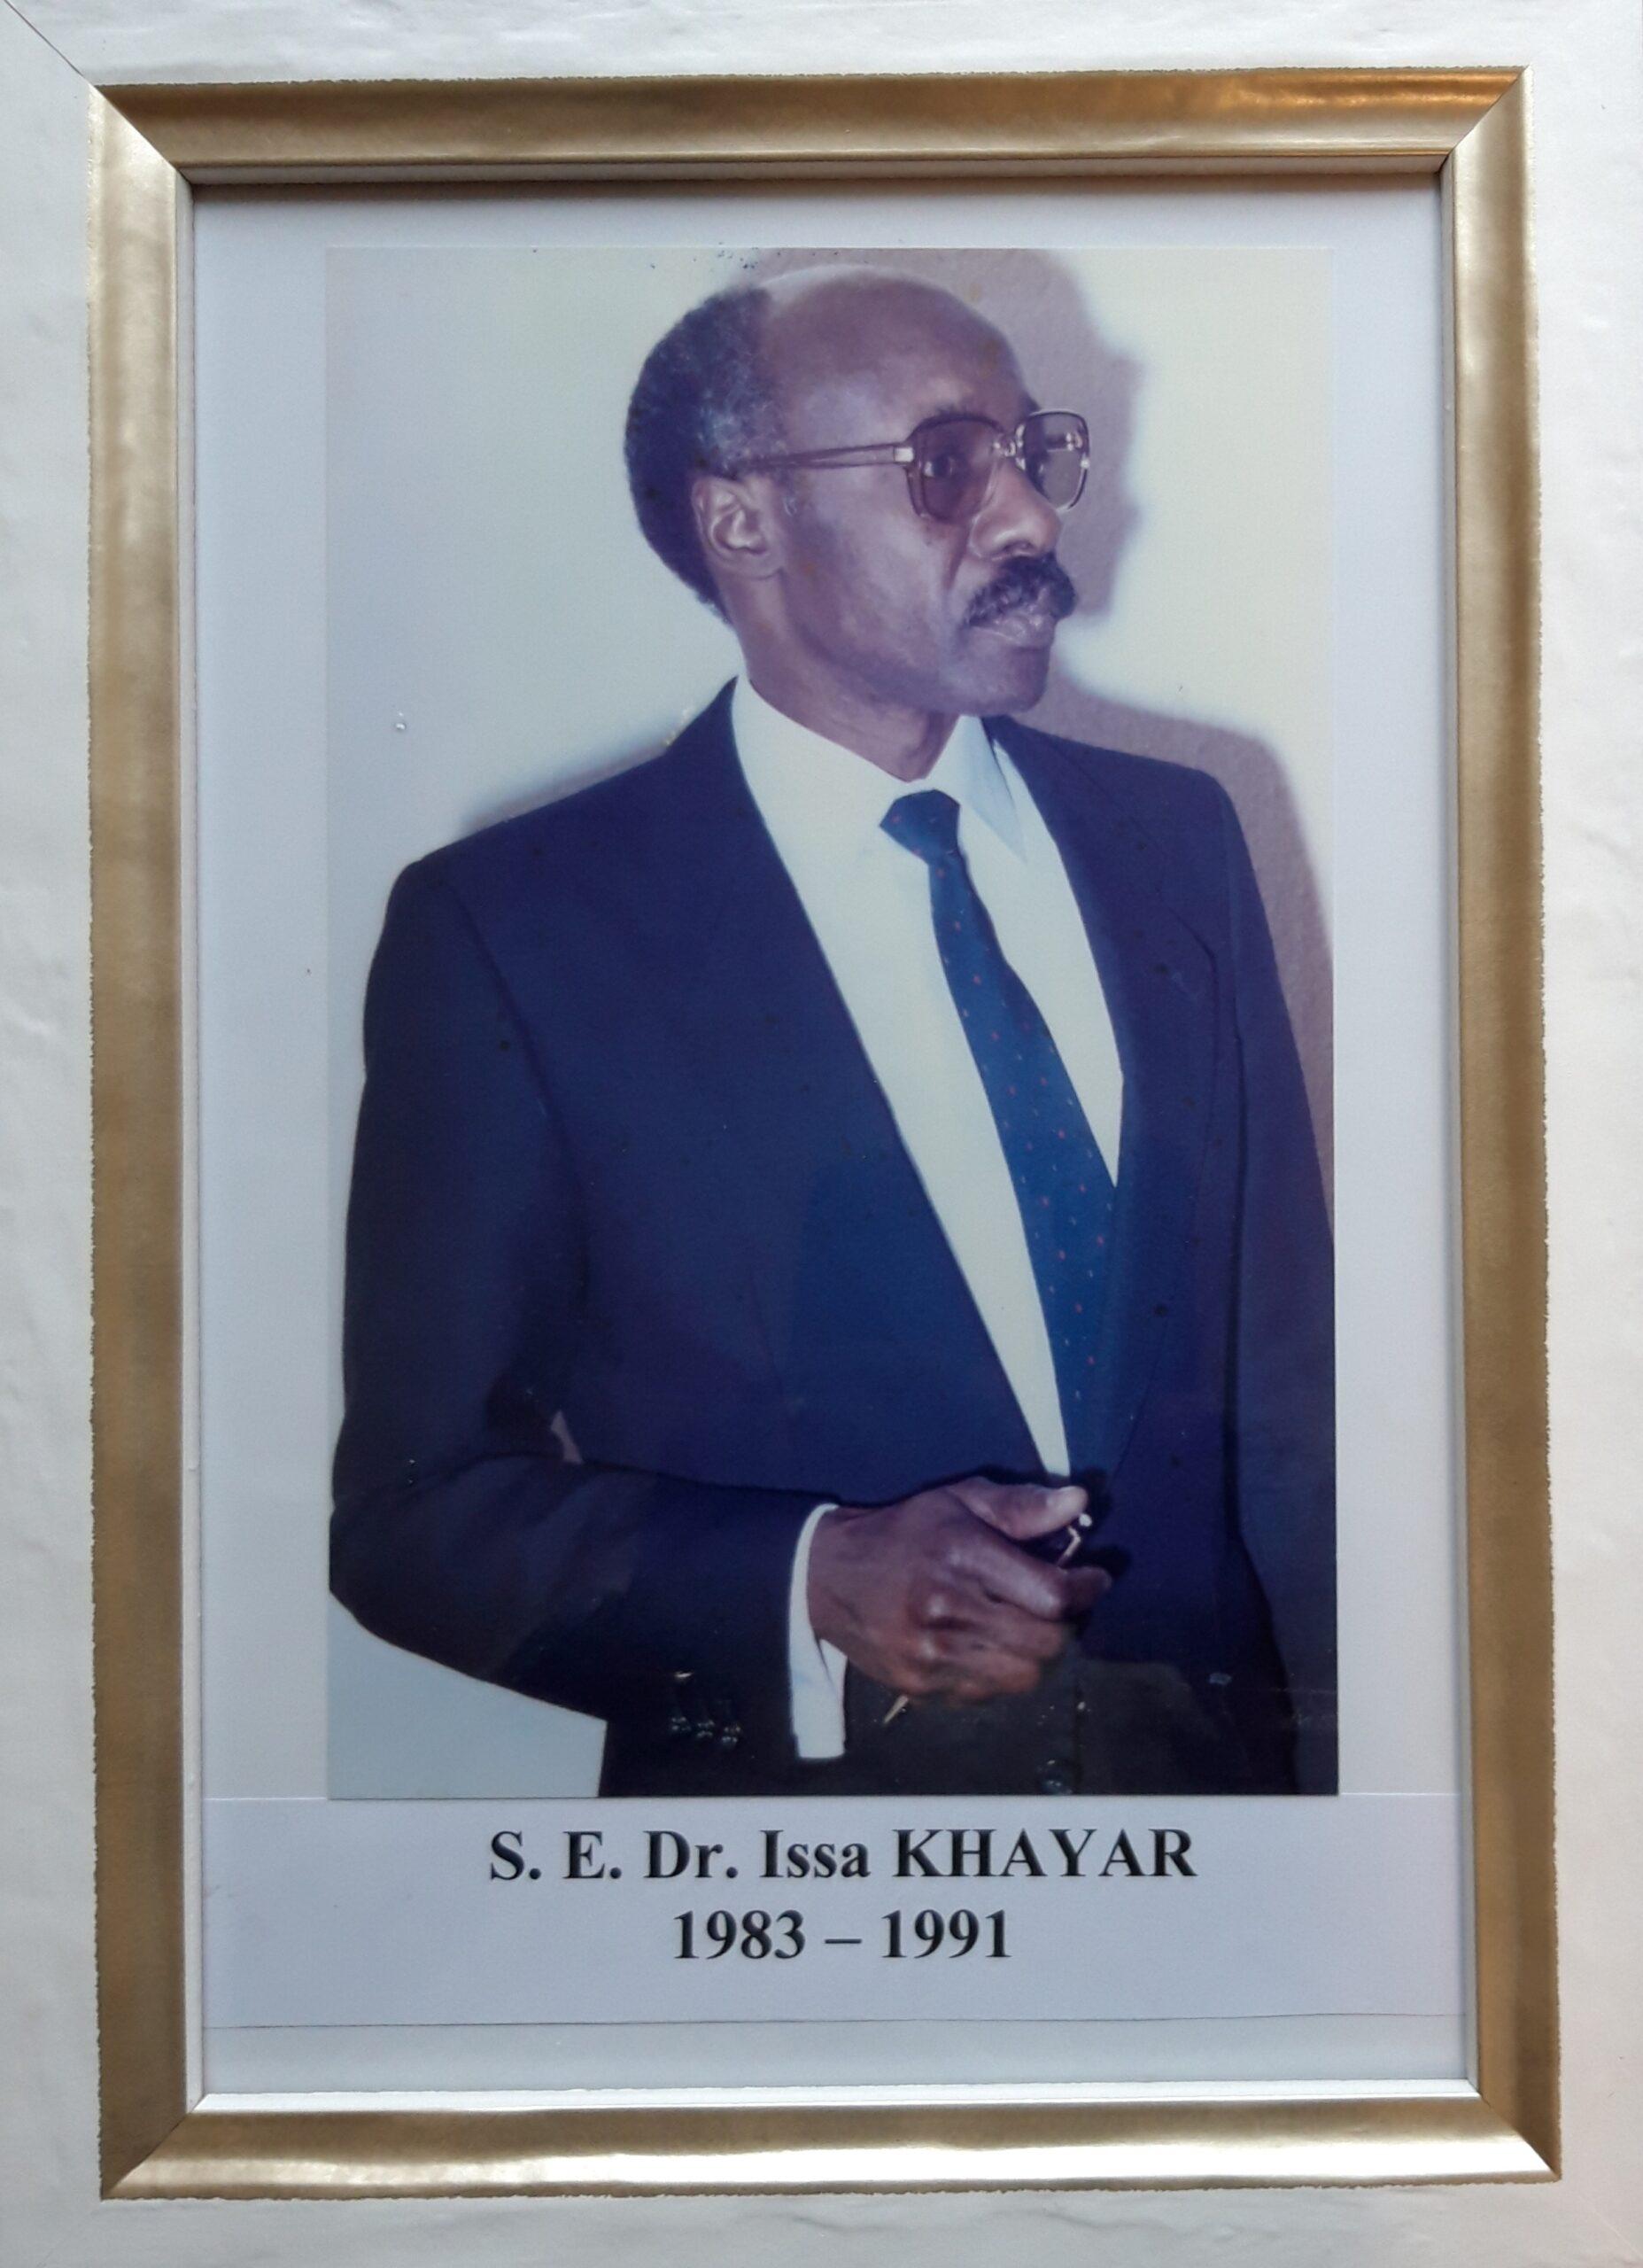 S.E. Dr. Issa KHAYAR